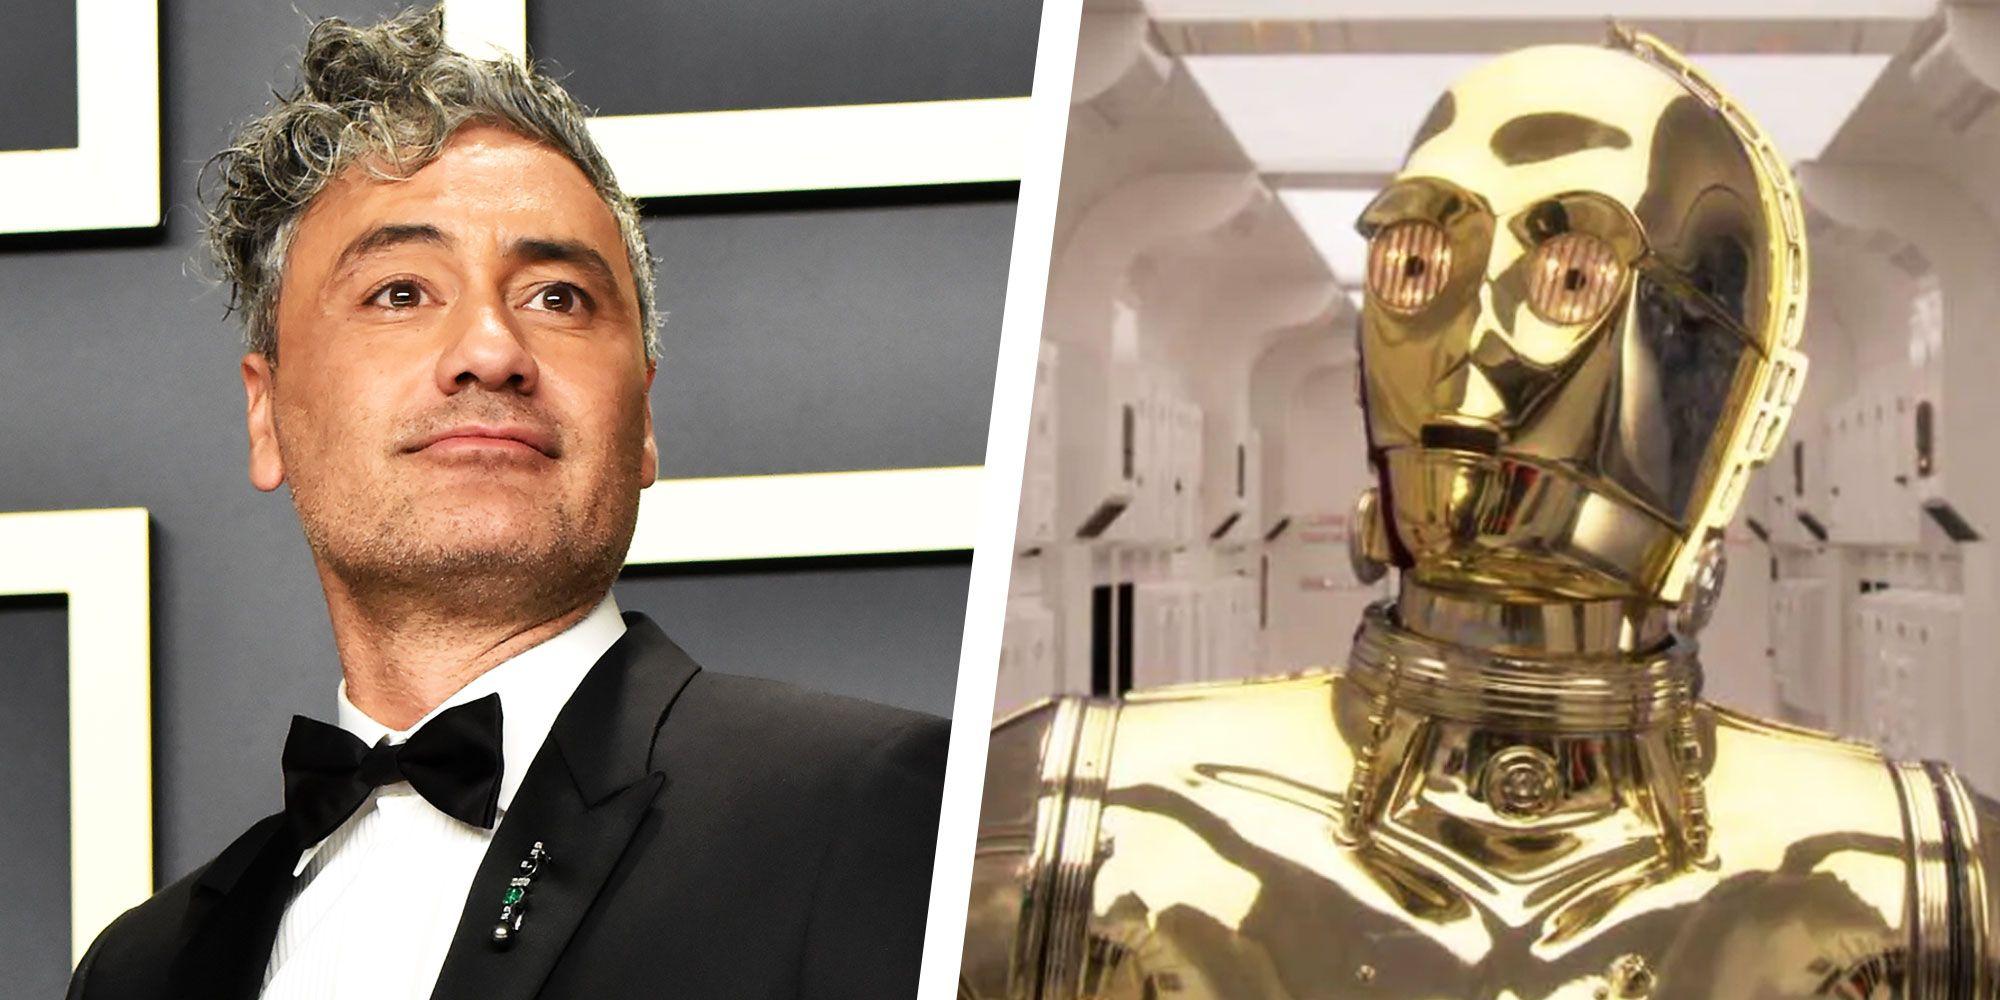 Taika Waititi to Direct and Write 'Star Wars' Movie